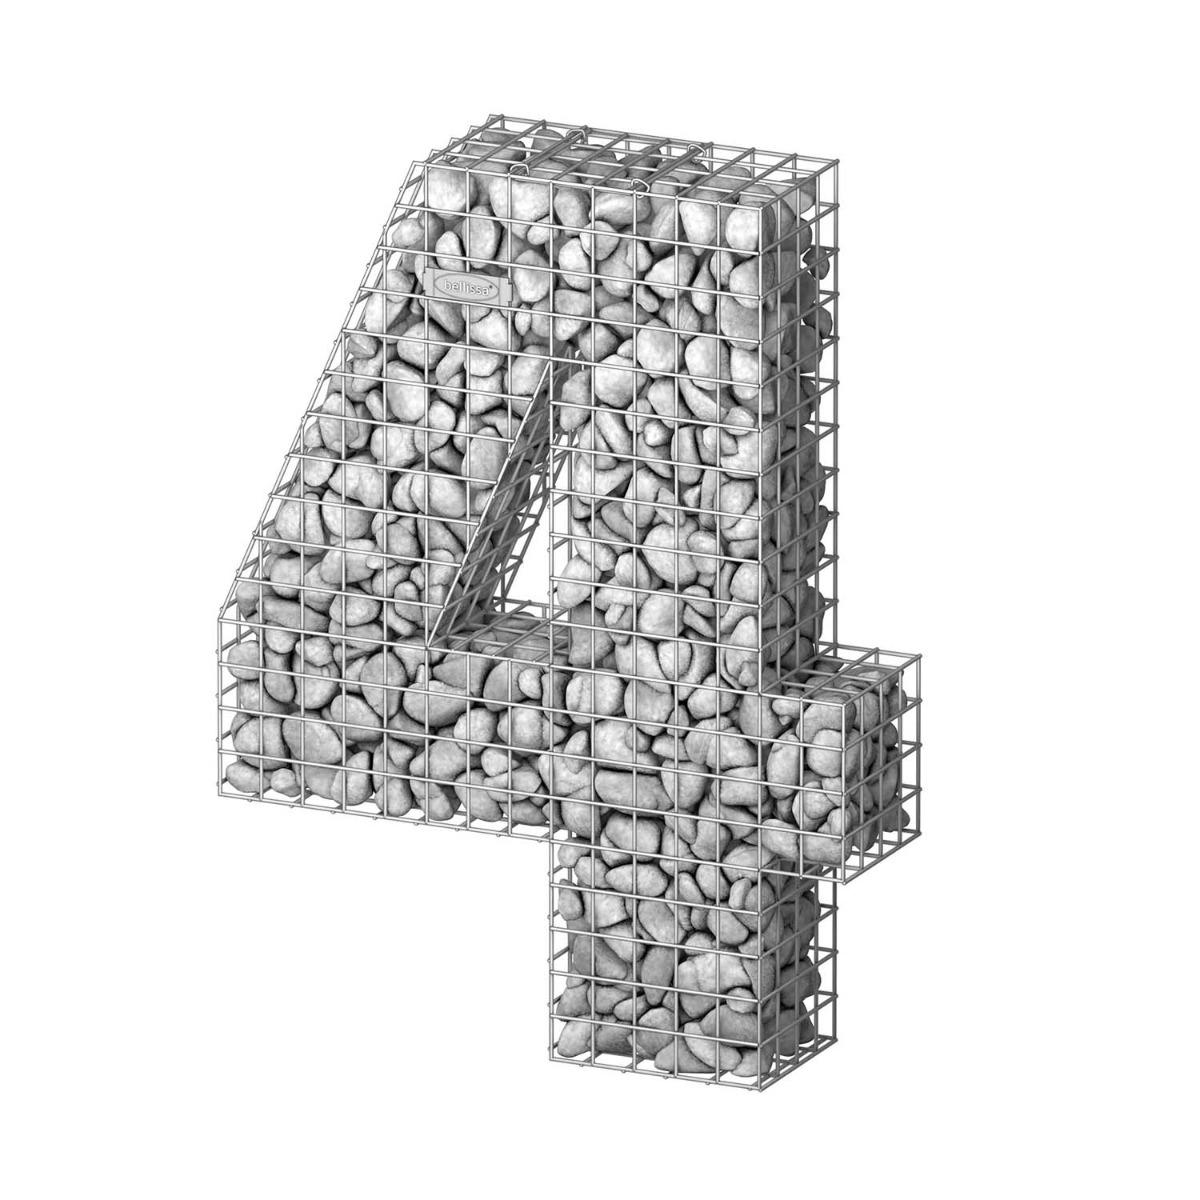 Gabionen ziffern 0, 1, 2, 3, 4, 5, 6, 7, 8, 9